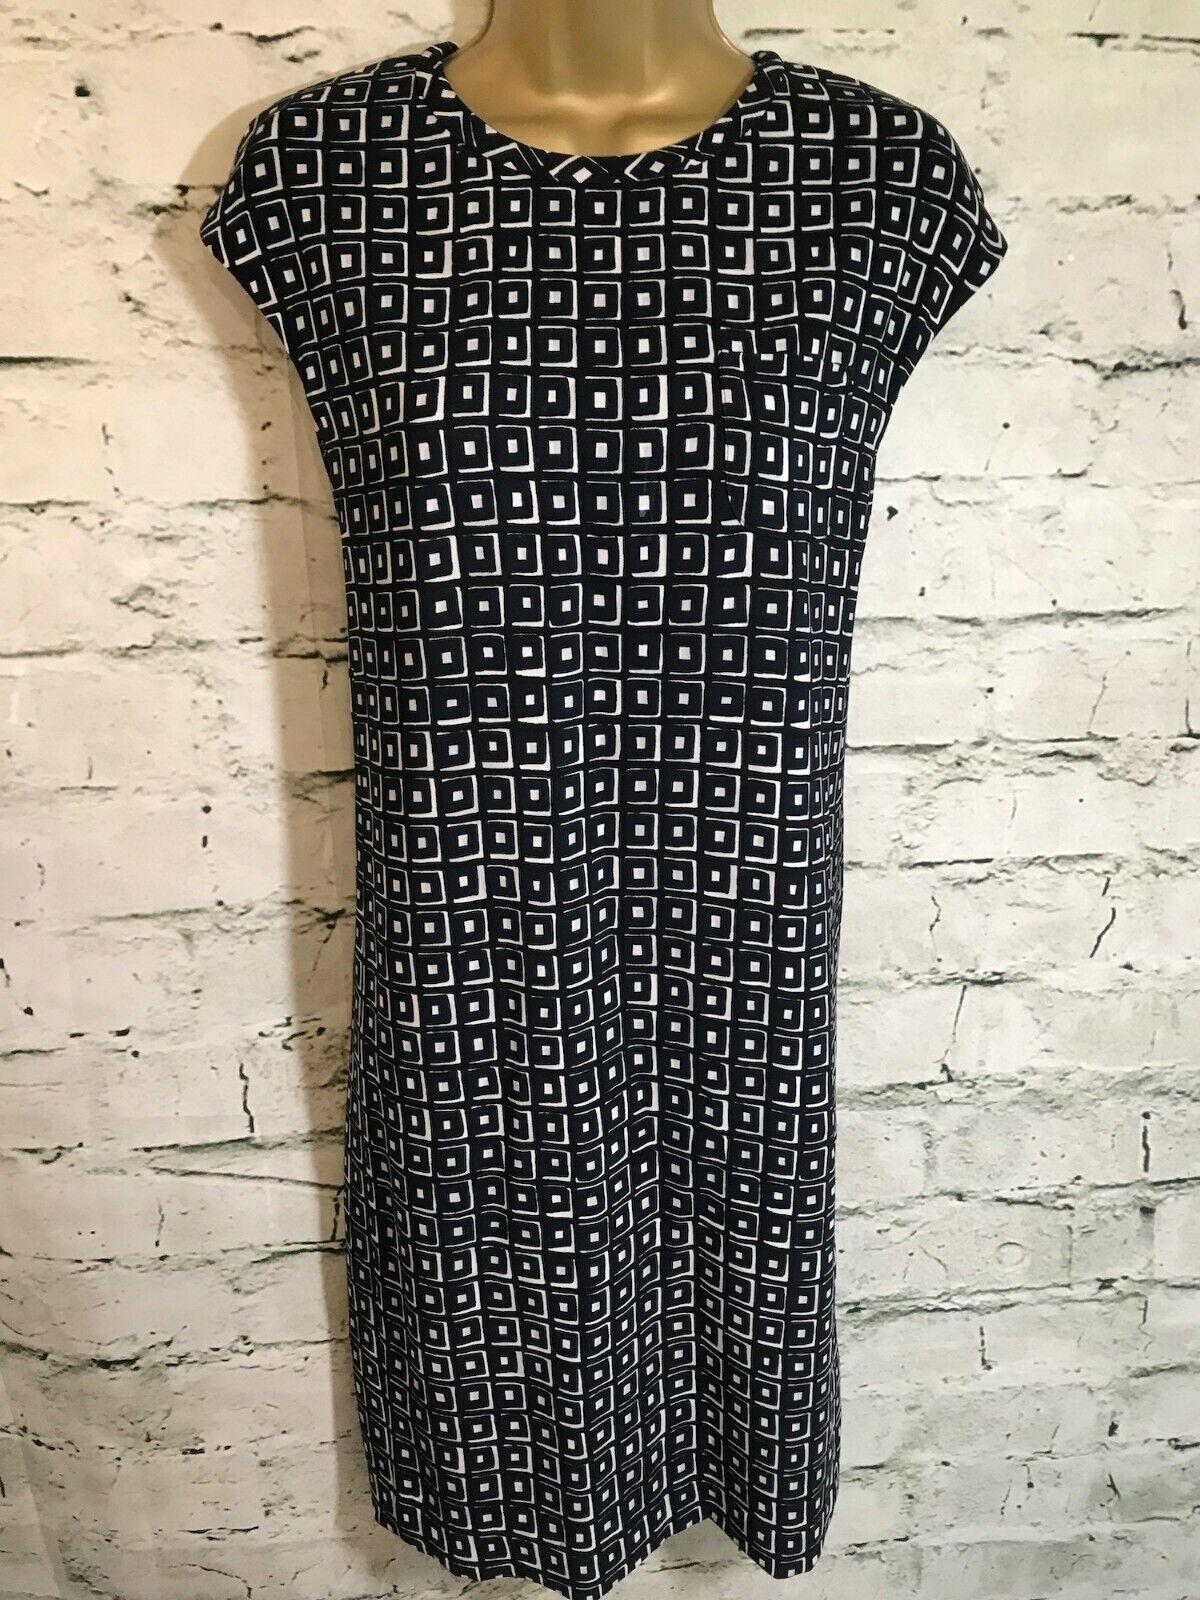 S& 039;Max Mara Femme Blau Marine Et Weiß Geometric Print Shift Dress It 44 UK 12 EU 40